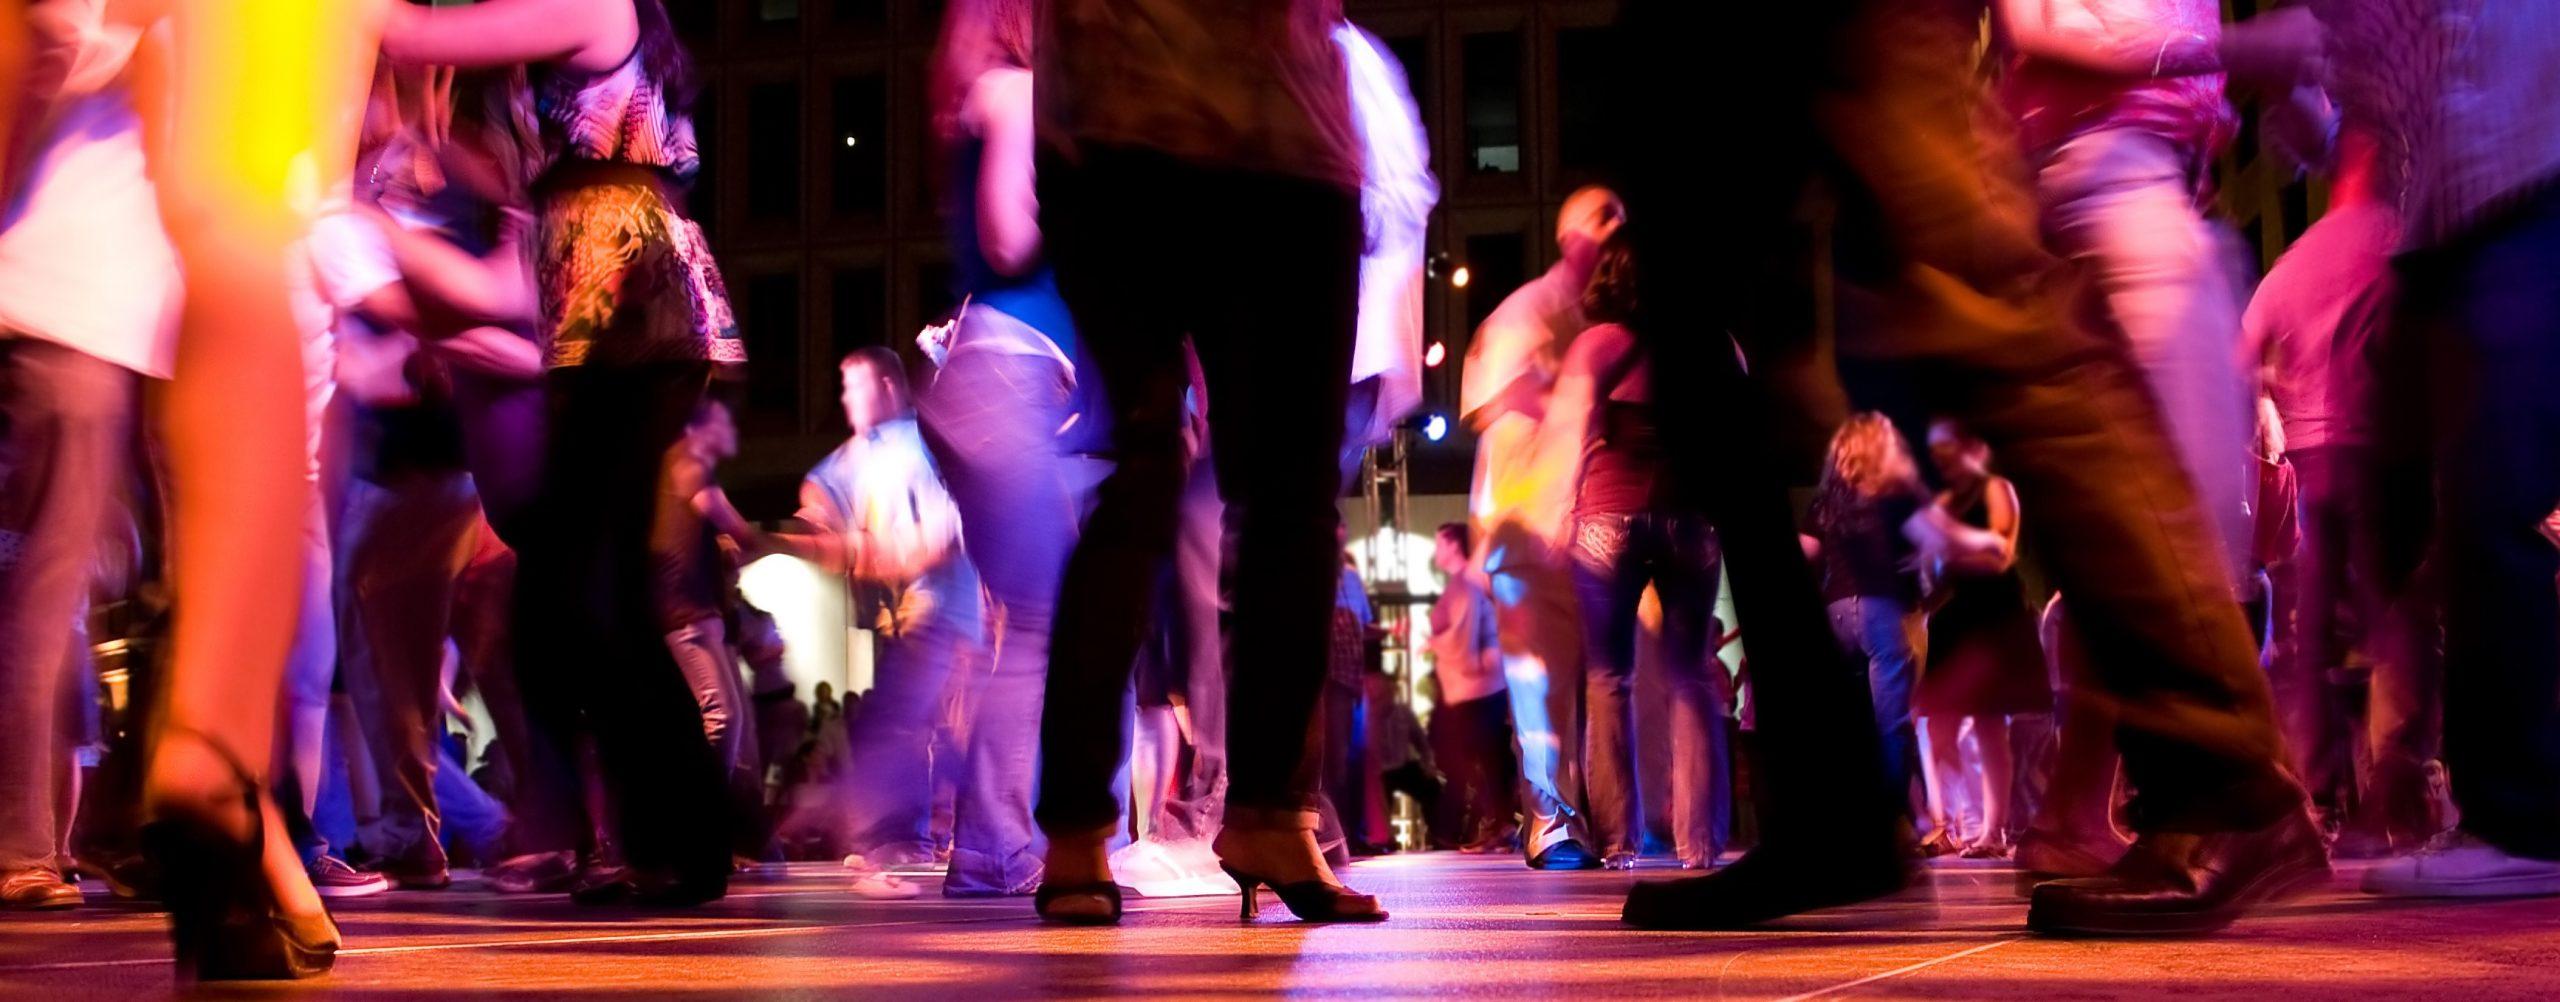 soirée dansante aix